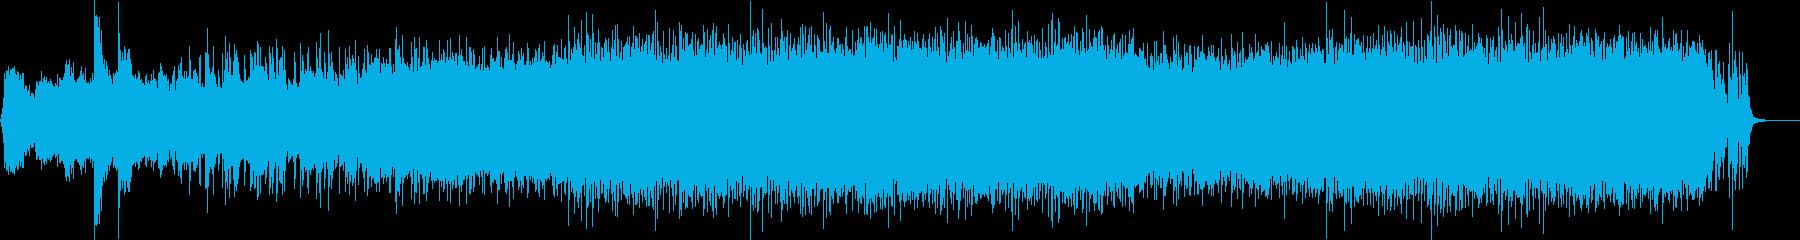 映画音楽、荘厳重厚、映像向け-03の再生済みの波形